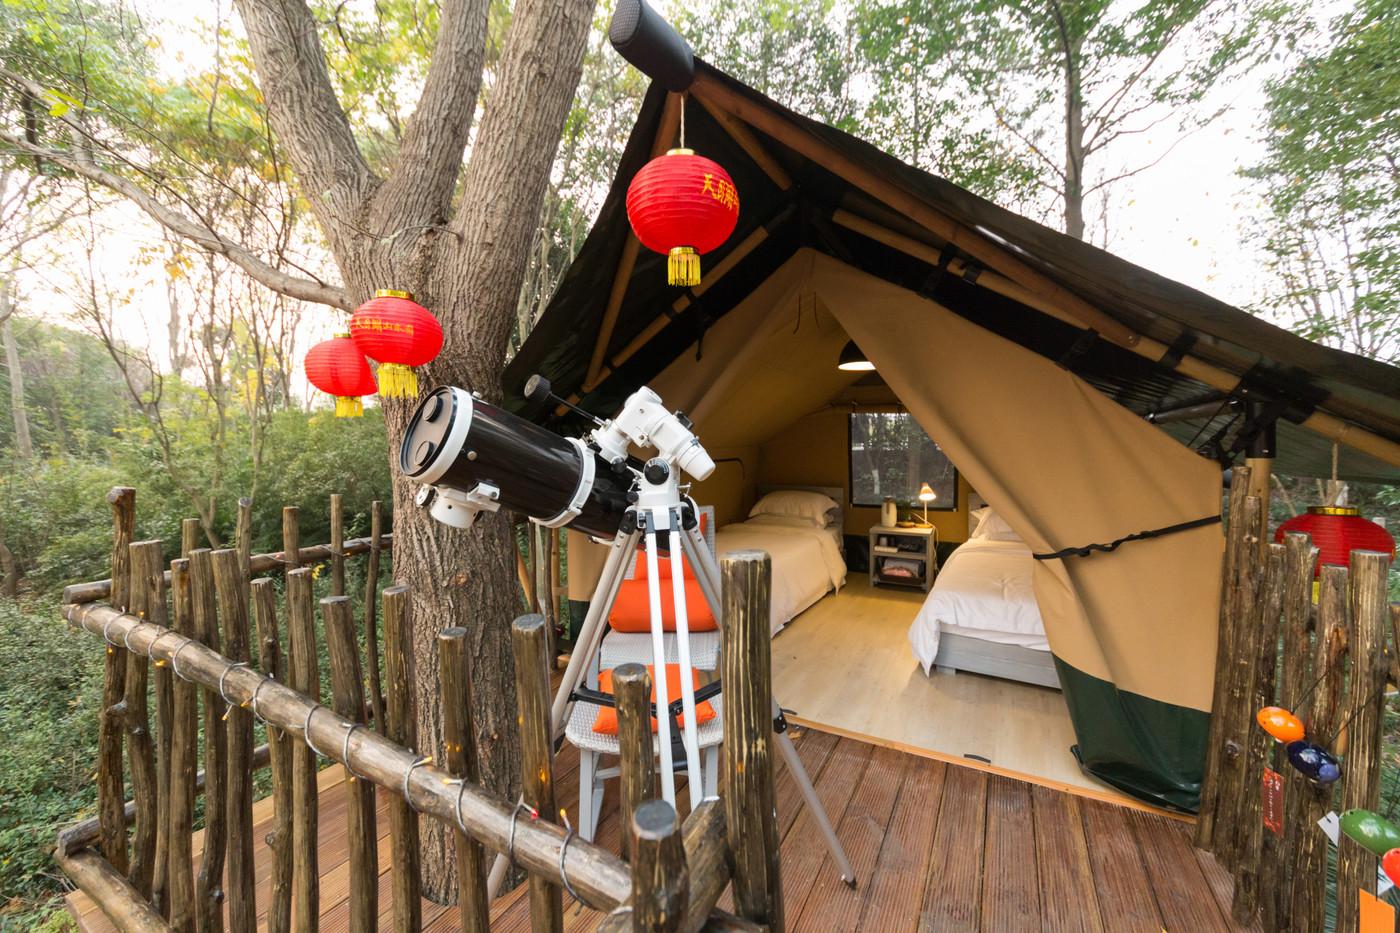 喜马拉雅野奢帐篷酒店—江苏常州天目湖树屋帐篷酒店12